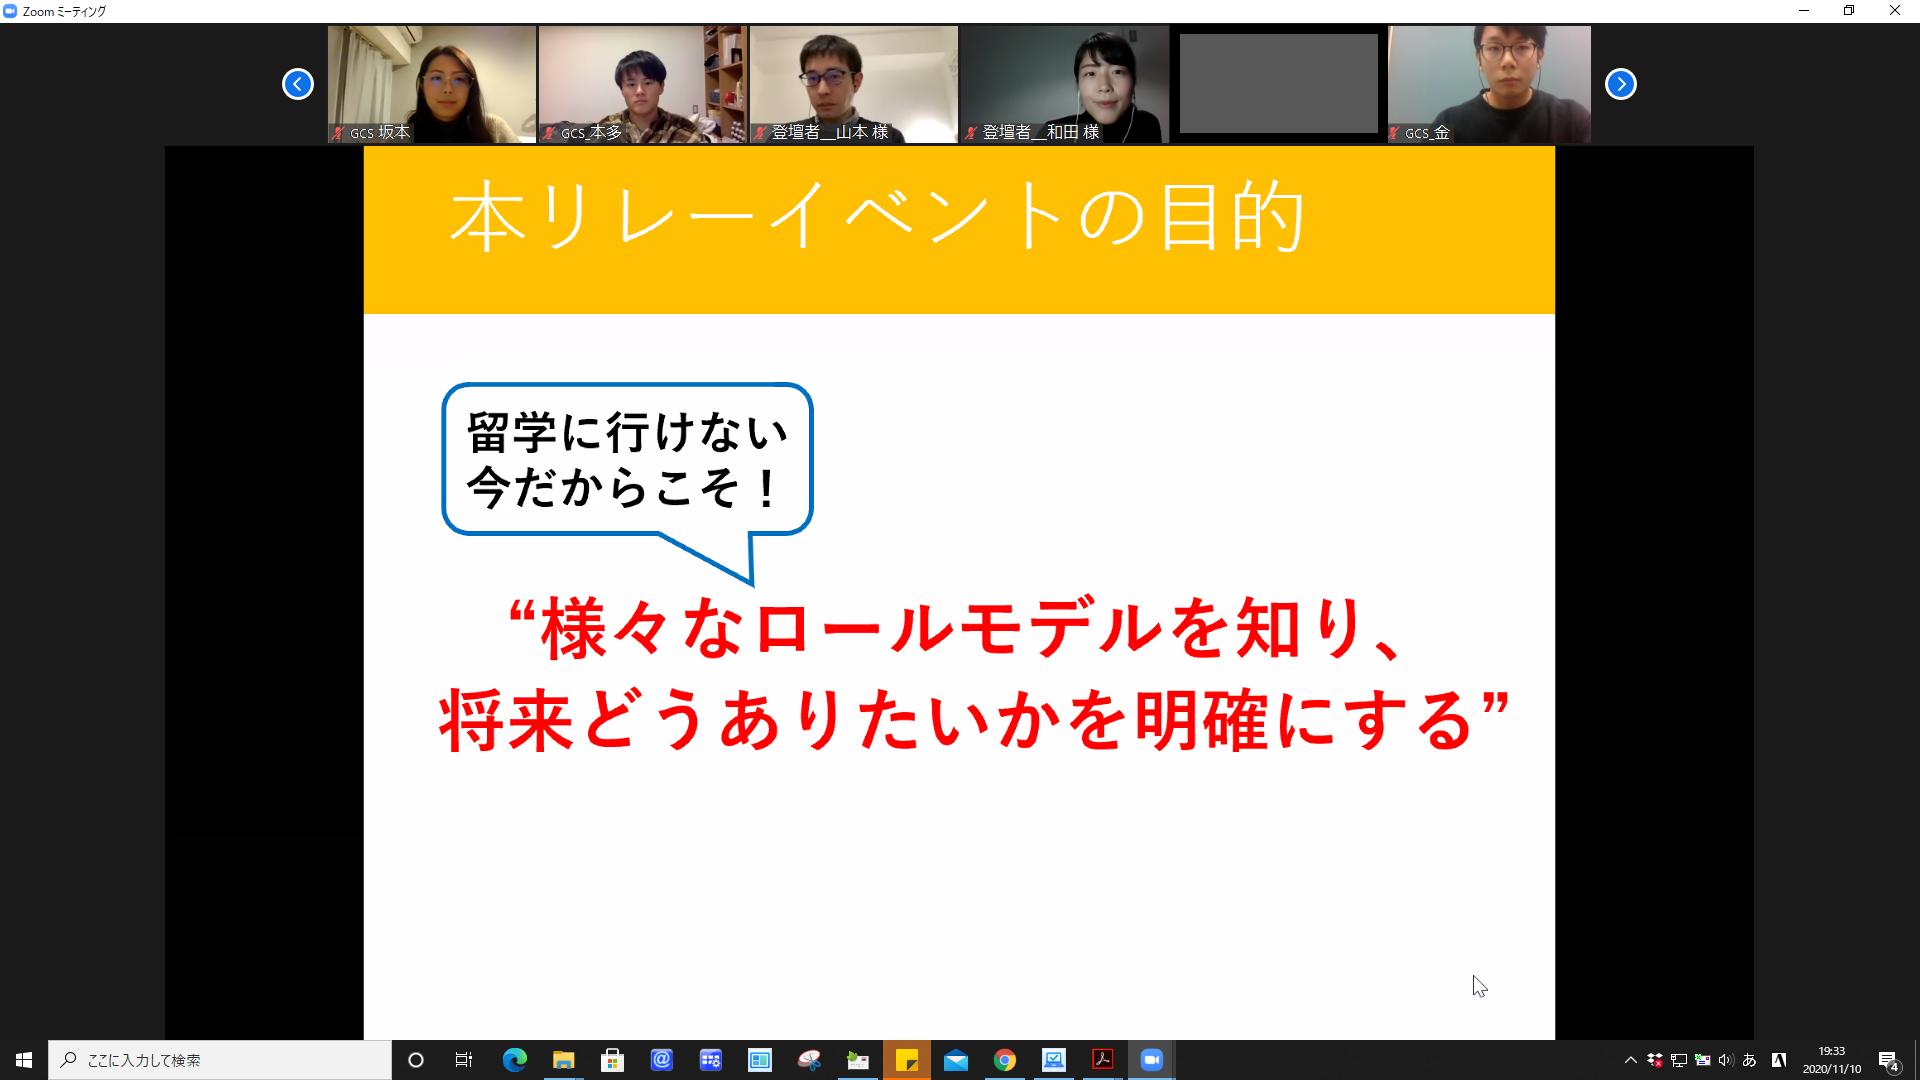 GCS_Carrer_event4_screenshot.png